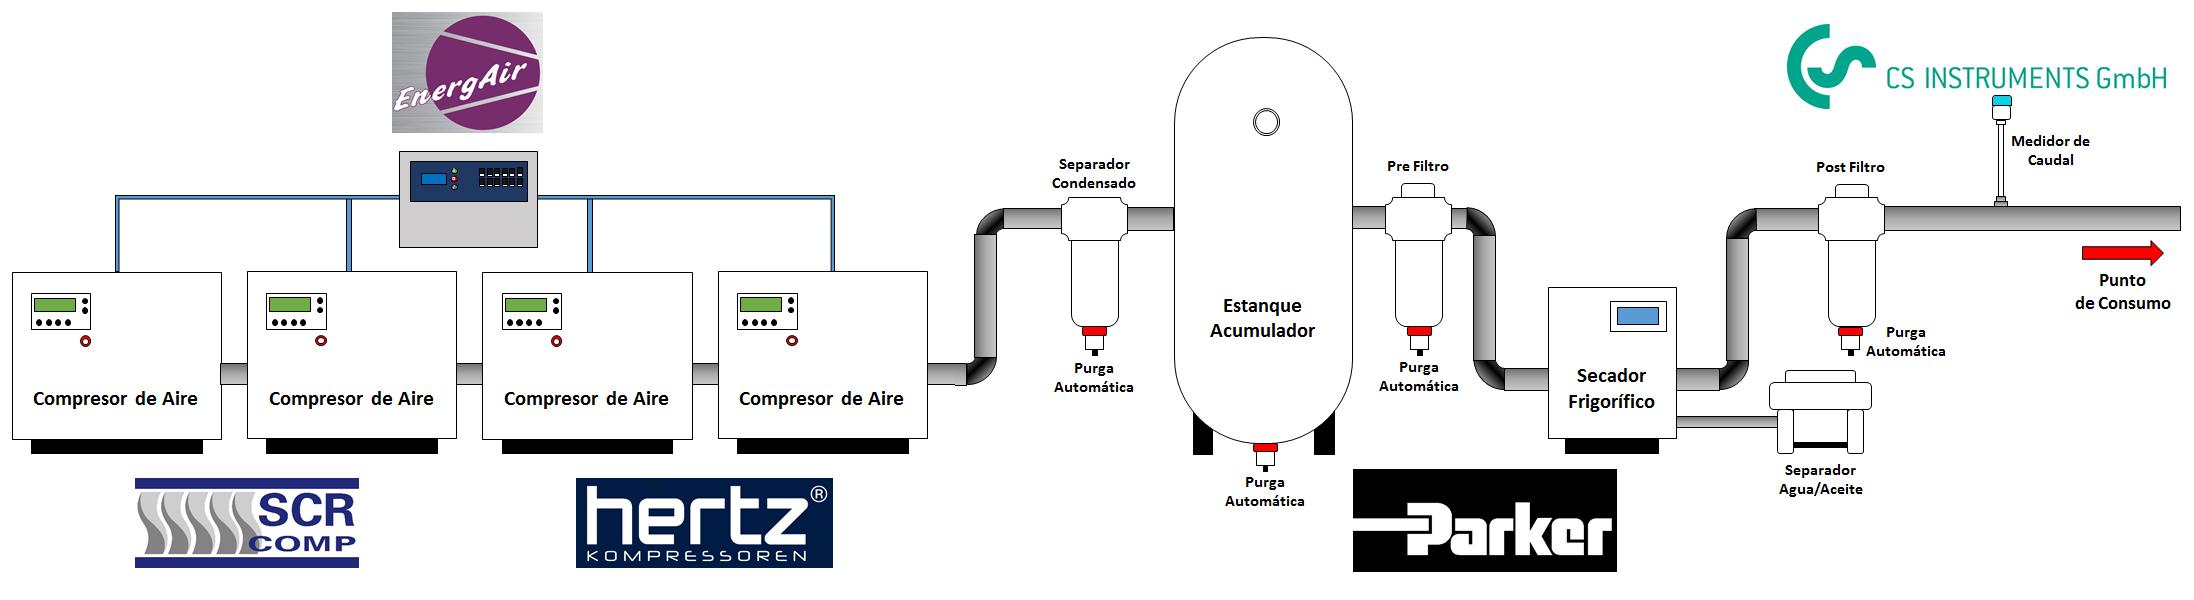 Plantas de produccion edulcorantes - Compresores aire comprimido ...